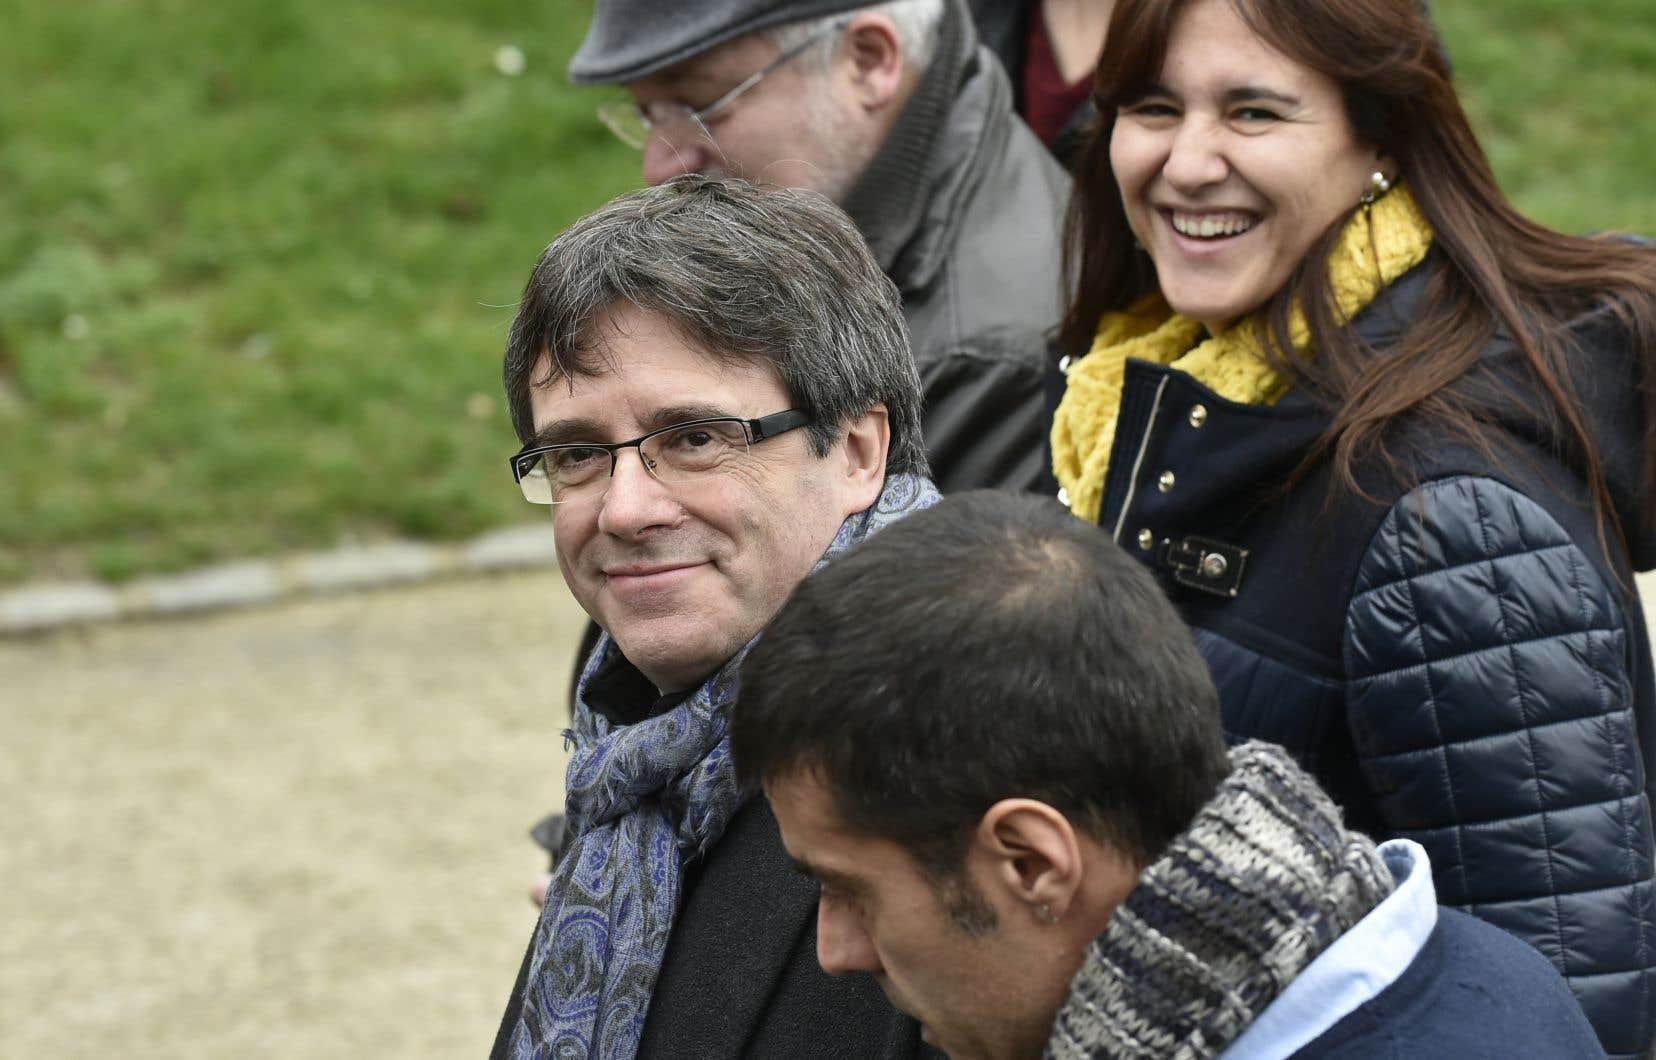 Le président catalan déchu, Carles Puigdemont, doit obtenir un permis de résidence en Belgique ou quitter ce pays au risque de s'exposer à une arrestation ailleurs.